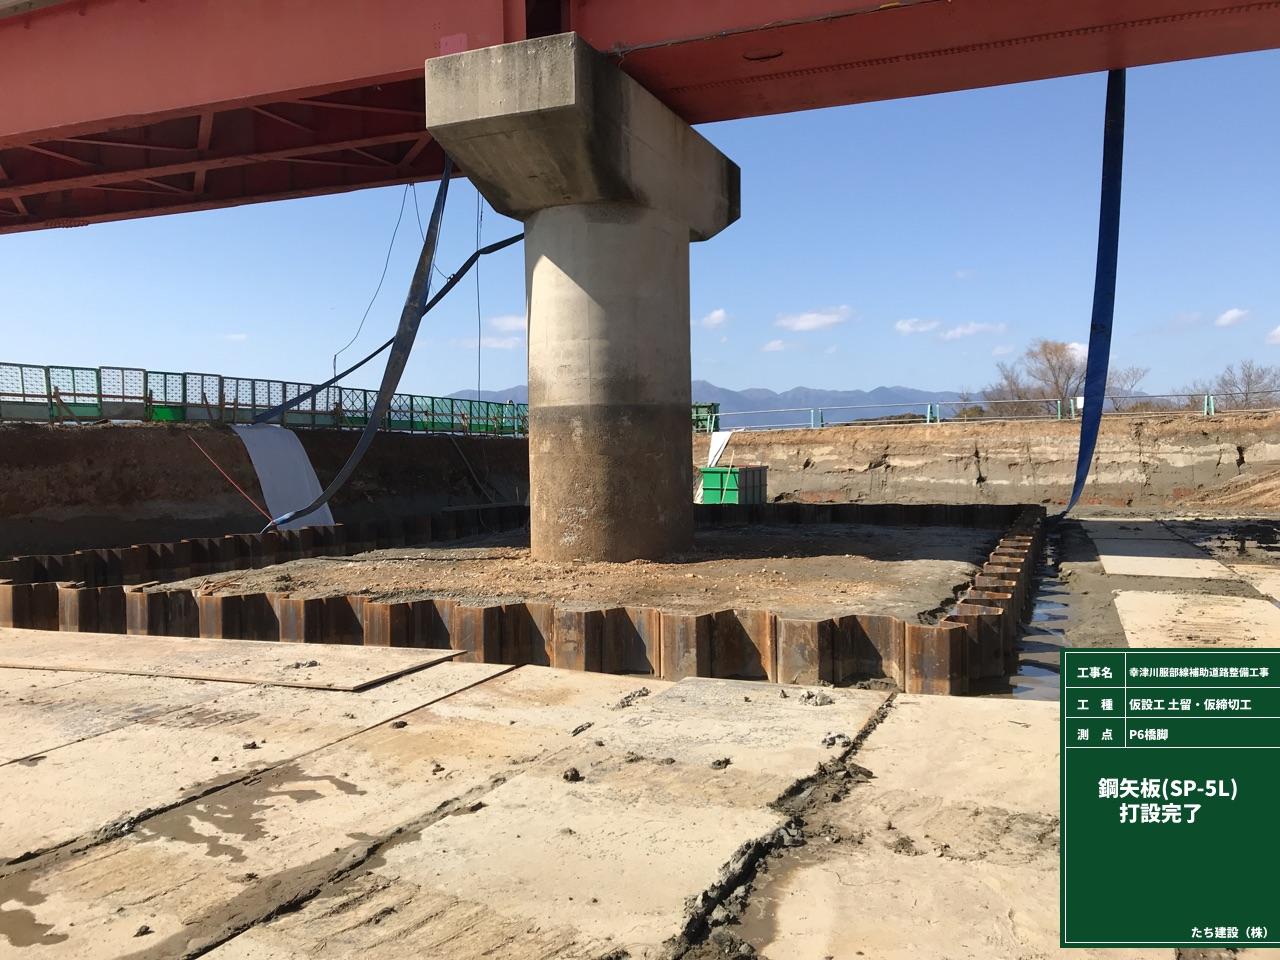 幸津川服部線 補助道路整備工事(X212-M1)